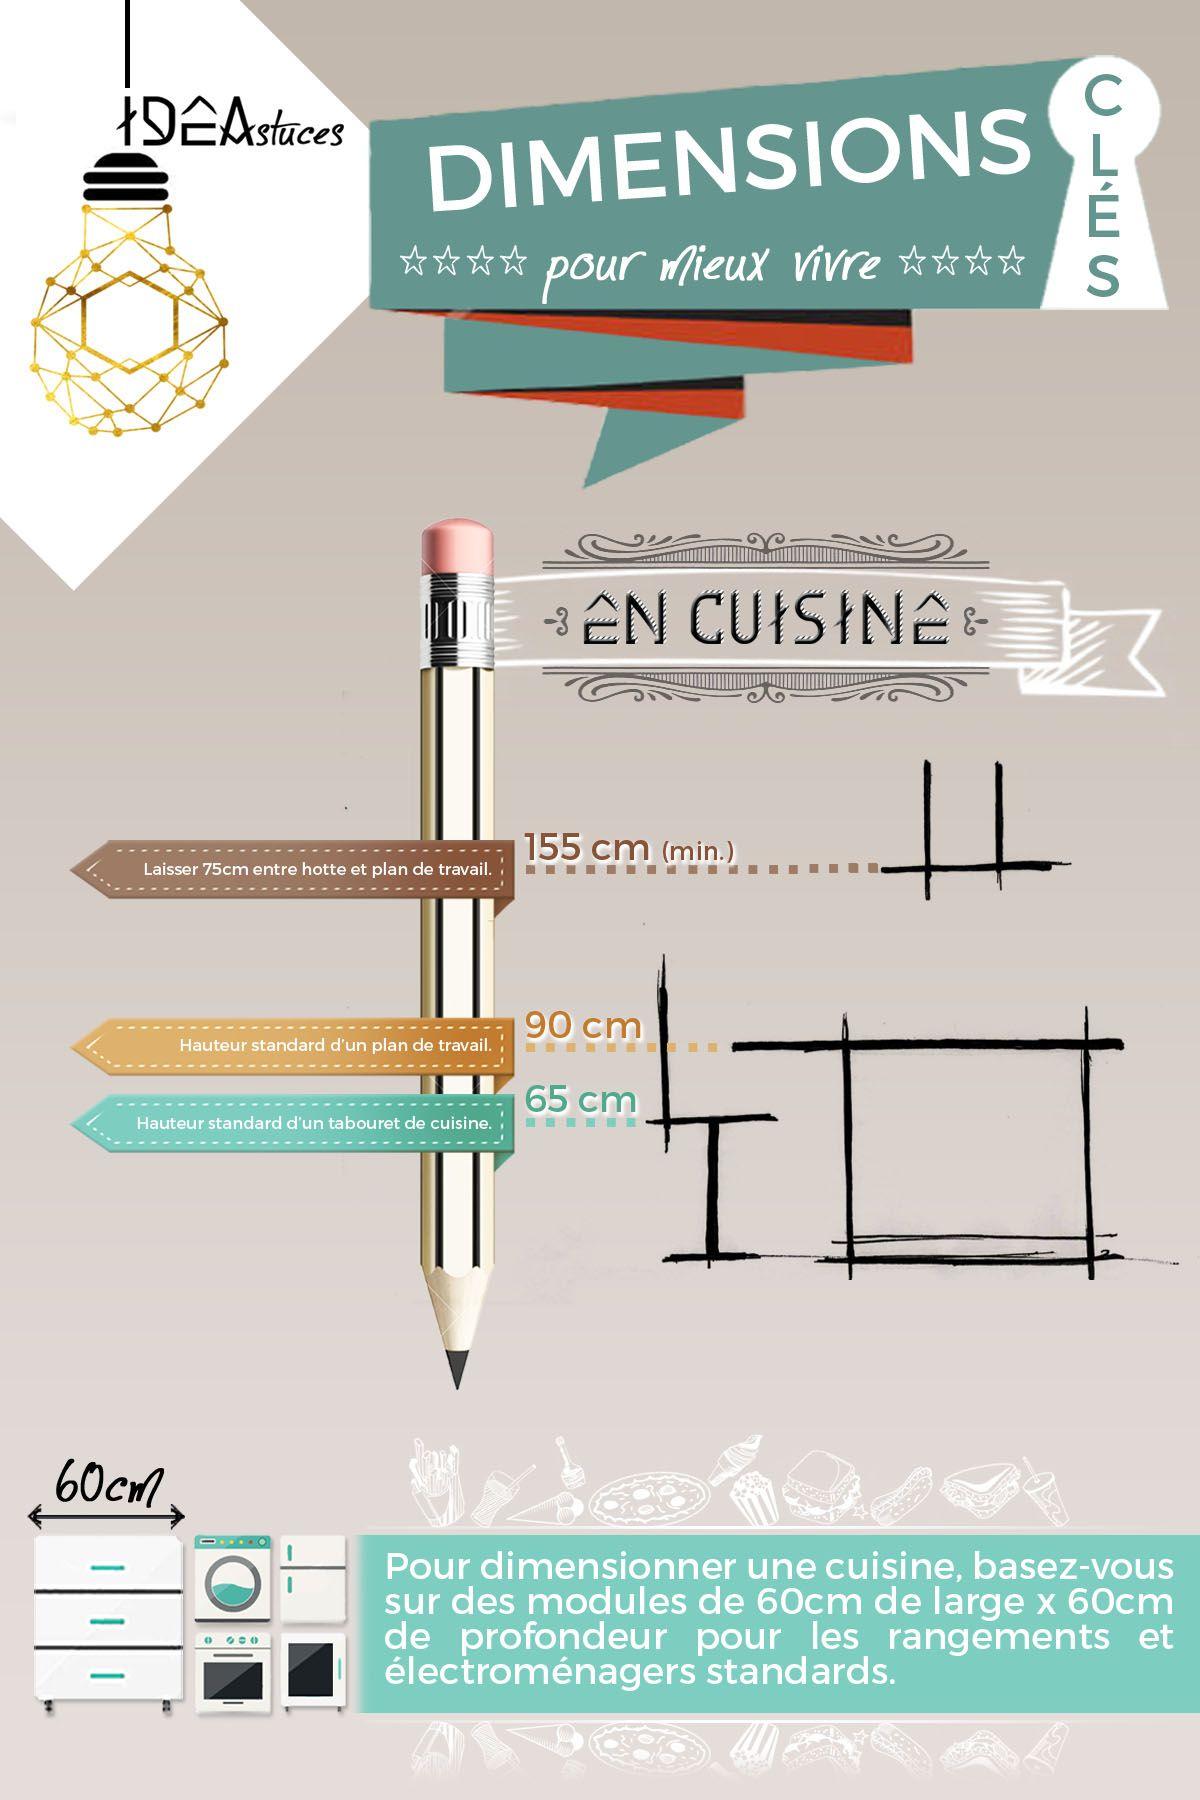 Ideastuce Dimensions Pour Mieux Vivre En Cuisine